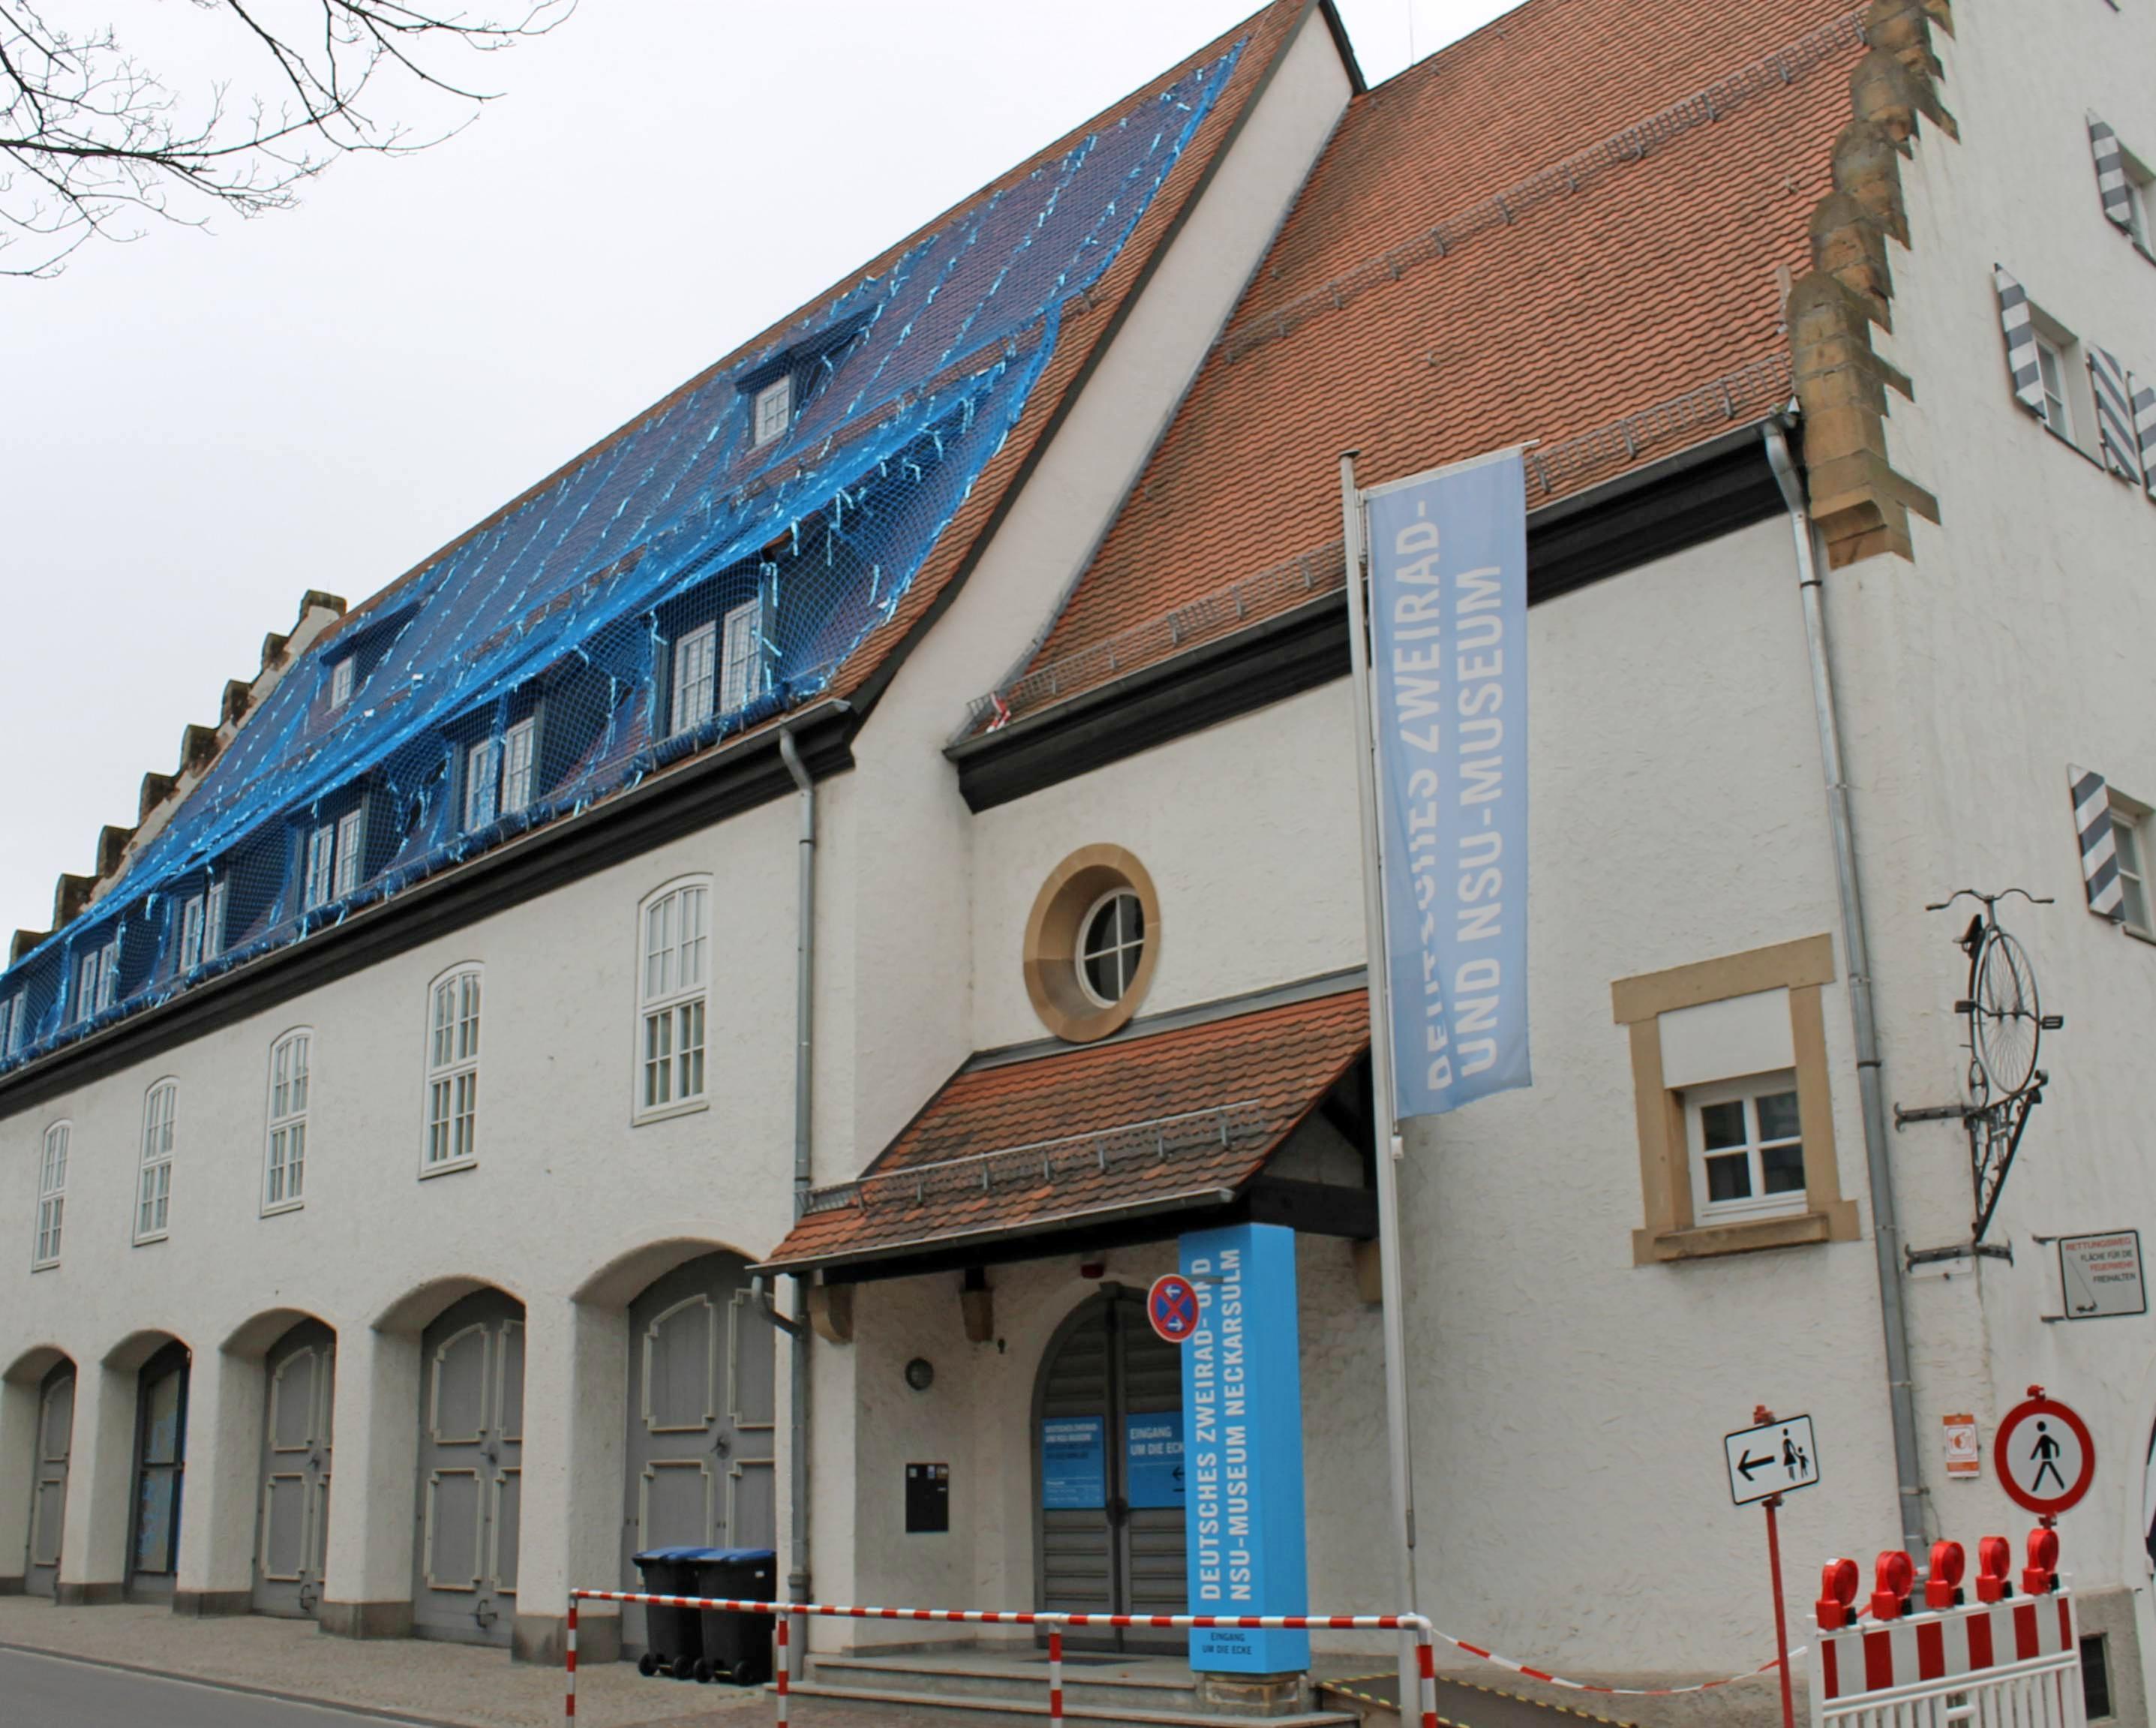 Das Zweiradmuseum bekommt ein neues Dach aus Biberschwanzziegeln. Damit reagiert die Stadt auch auf die heftigen Unwetter, bei denen sich Ziegel gelöst hatten. Für die Sanierungsarbeiten stehen 1,46 Millionen Euro zur Verfügung. Foto:Archiv/Gajer